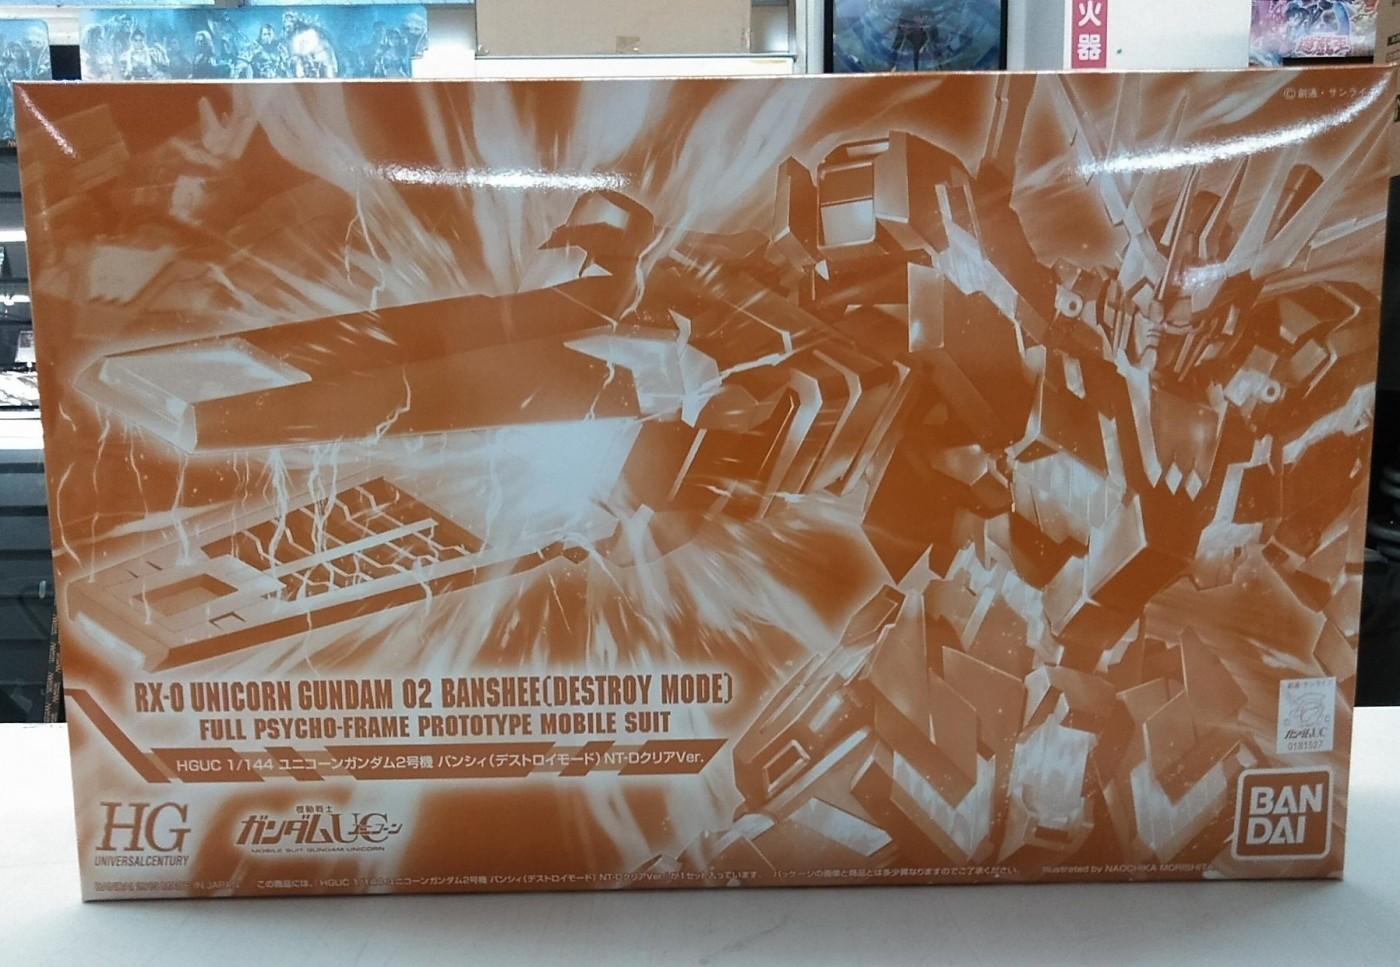 ゼスト所沢店の買取情報!!『バンダイの1/144 HGUC RX-0 ユニコーンガンダム2号機 バンシィ (デストロイモード) NT-DクリアVer. 「機動戦士ガンダムUC」』